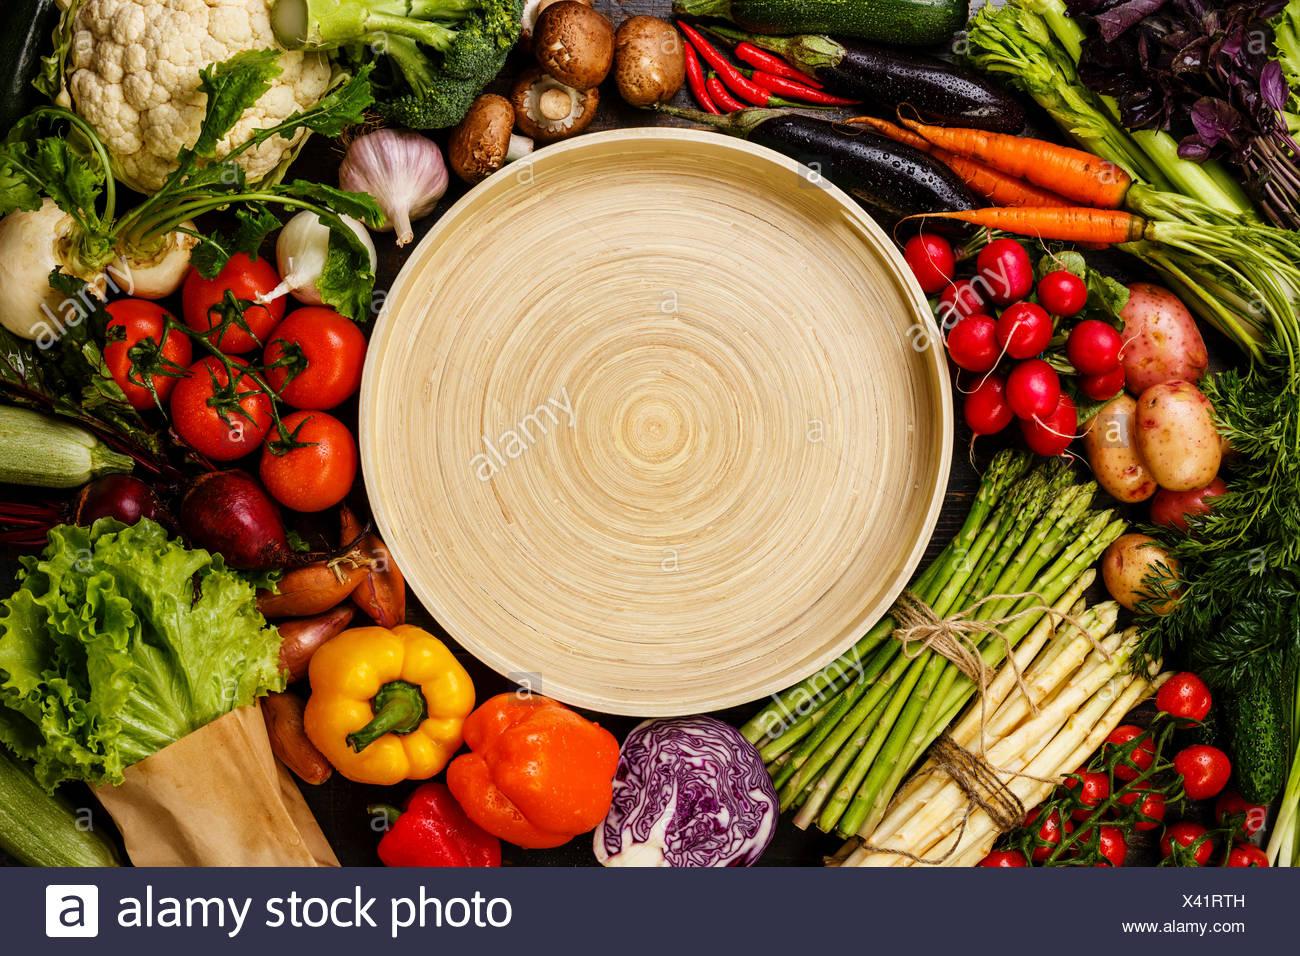 Frisches Gemüse um rund Bambus Tablett Textfreiraum Stockbild